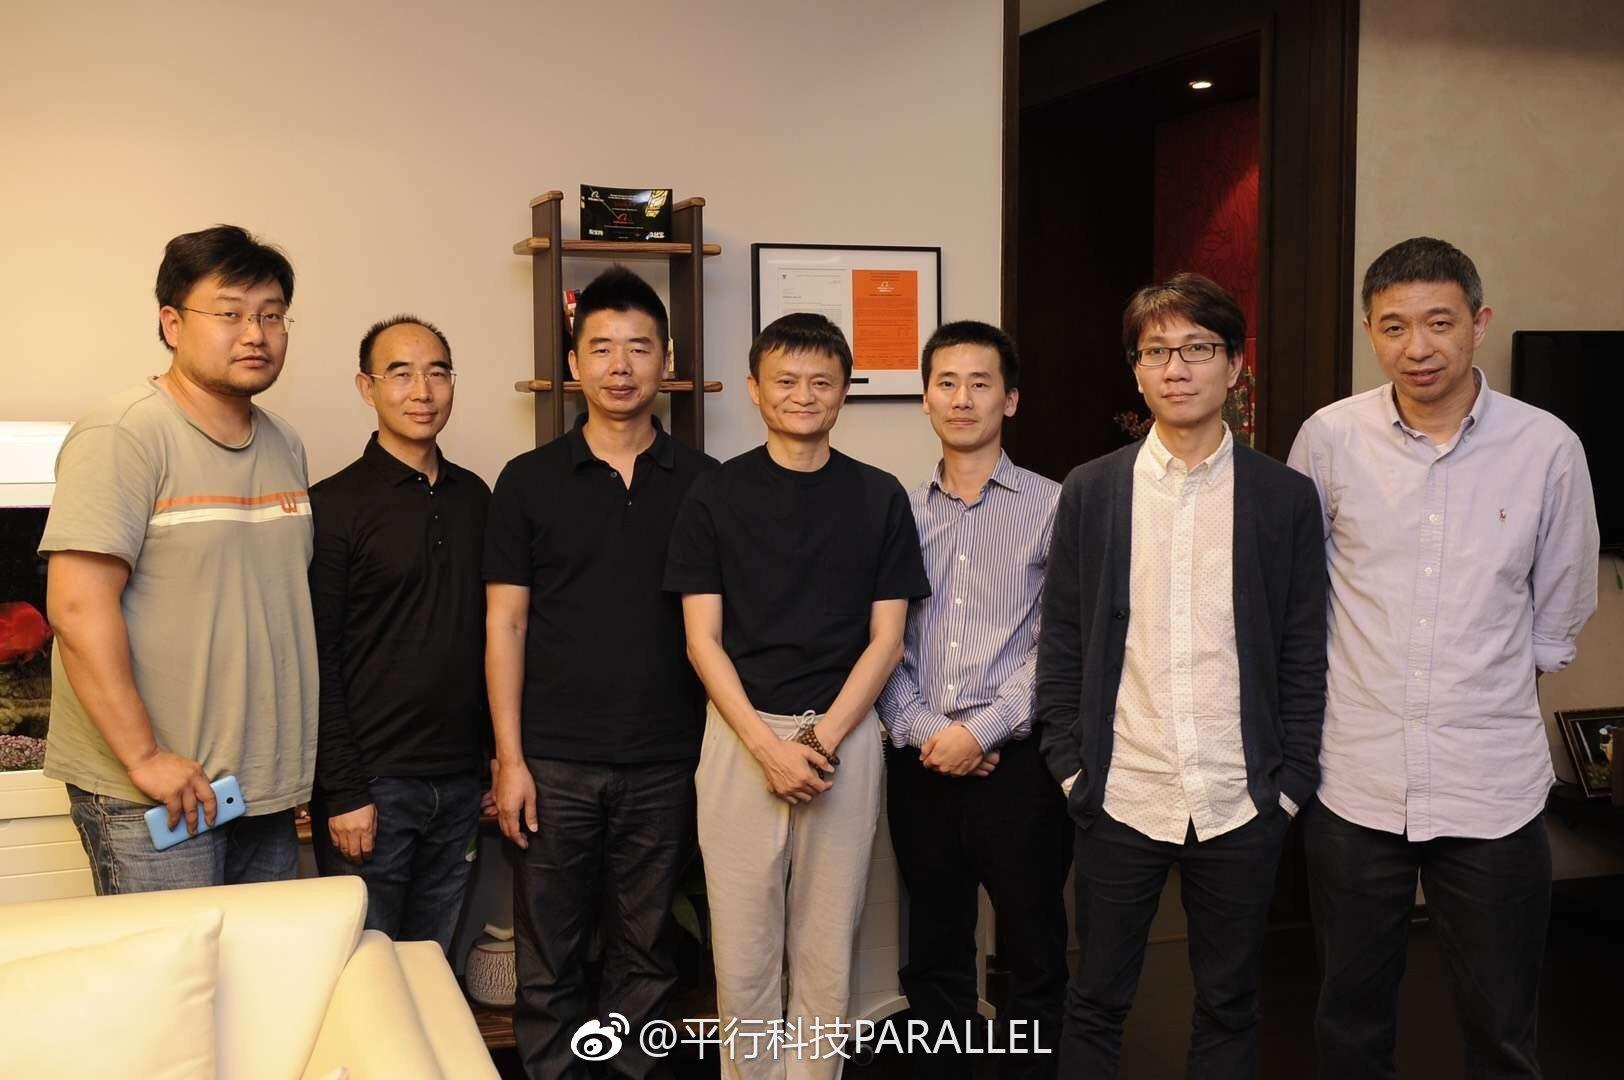 楊顔(Yang Yan)氏がFlyme事業部総裁を辞任